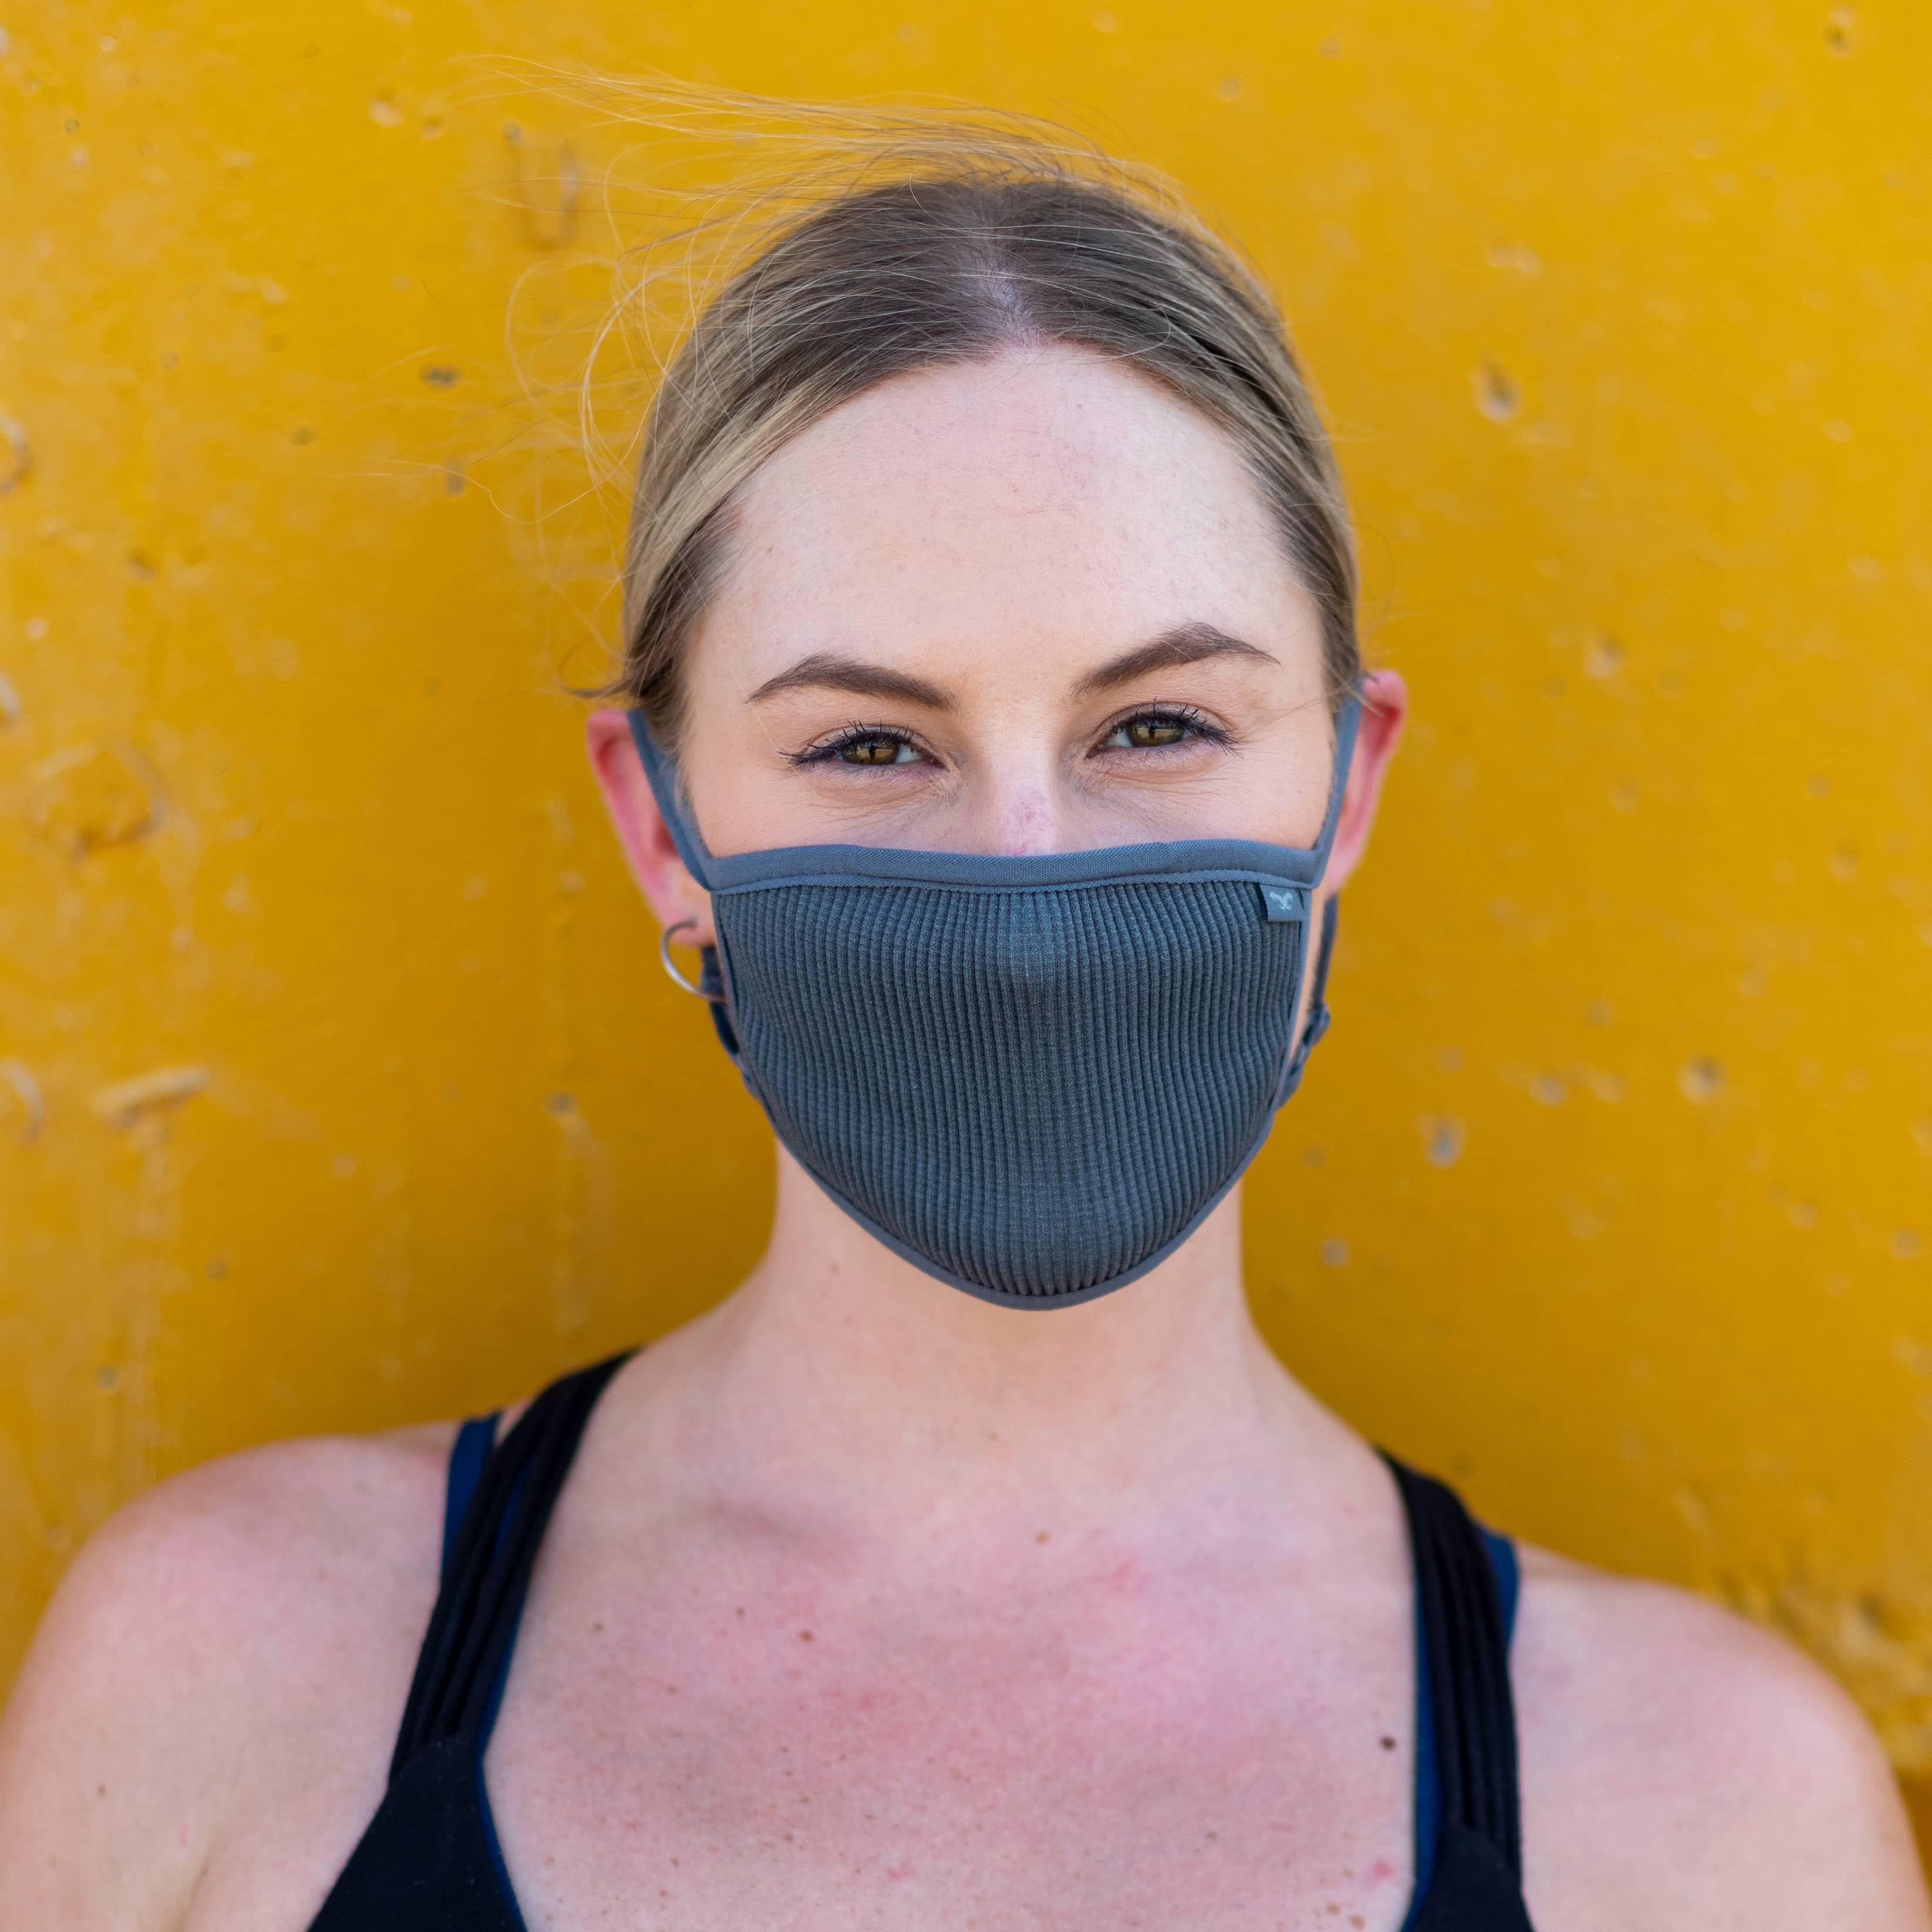 Masca pentru sportivi Naroo FU+ cu filtrare particule Gri imagine